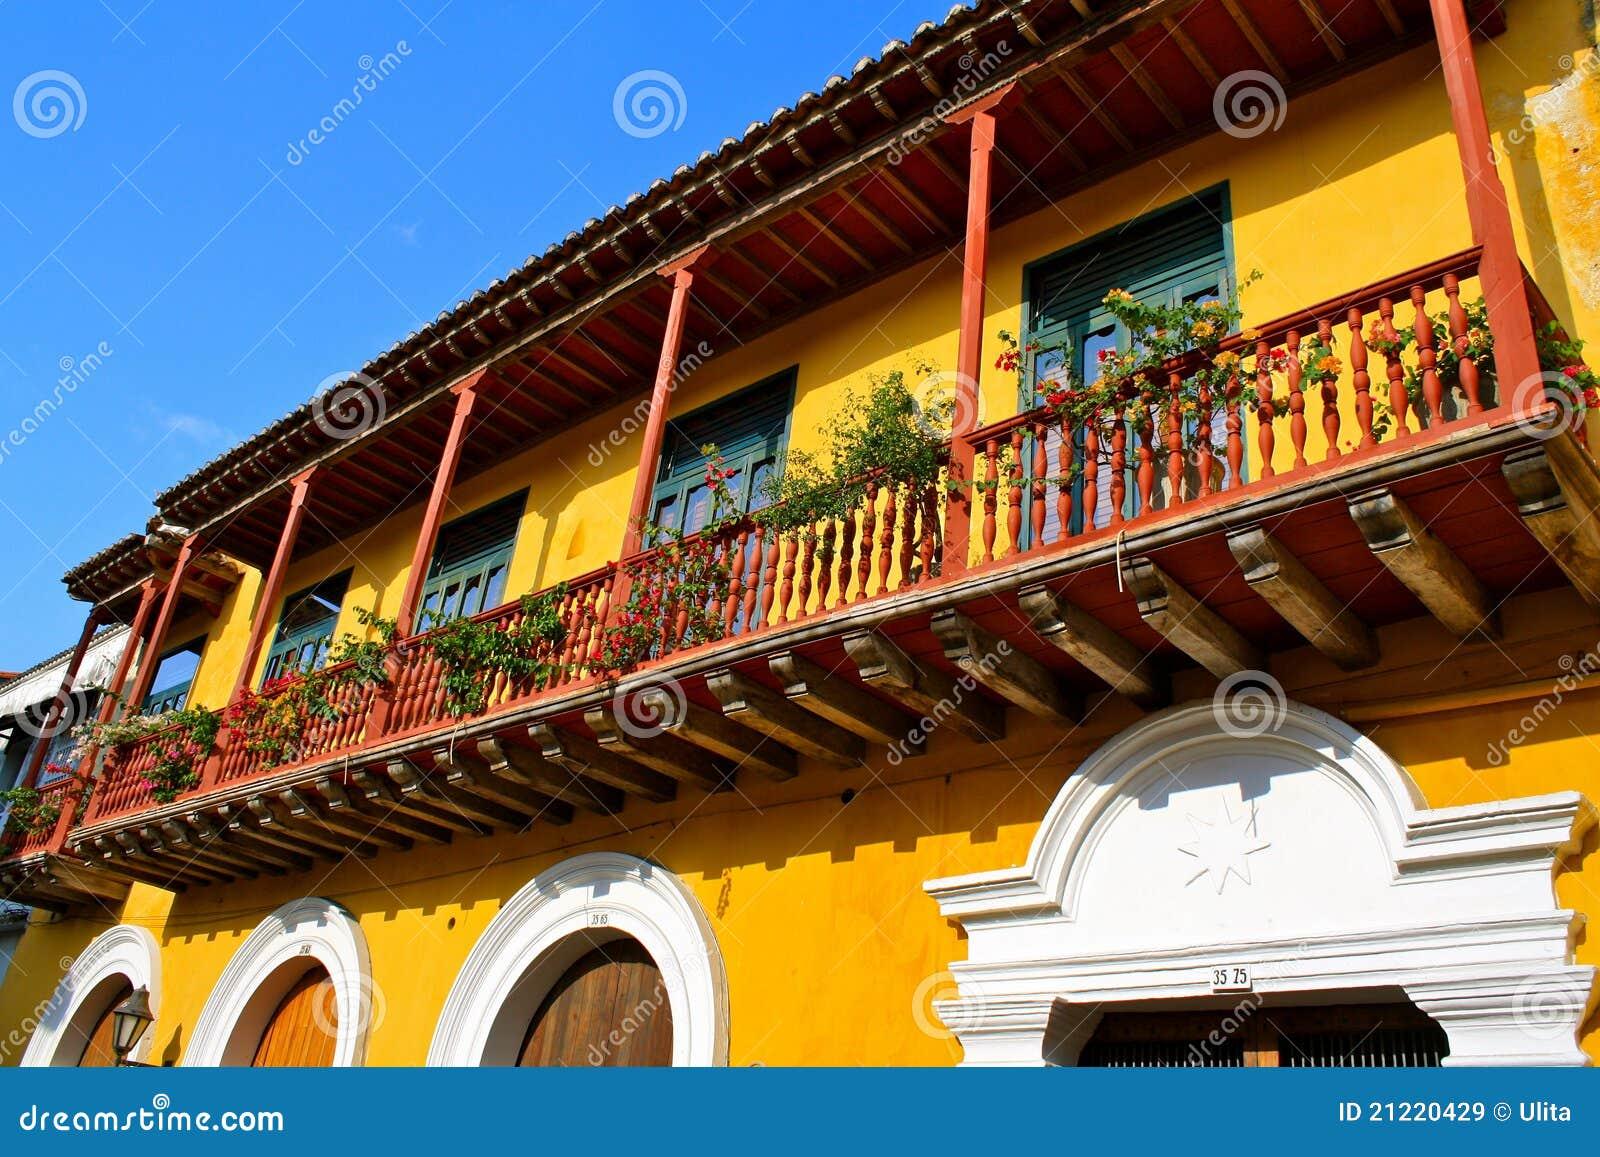 Detalle colonial de la casa cartagena colombia im genes - Detalles para la casa ...